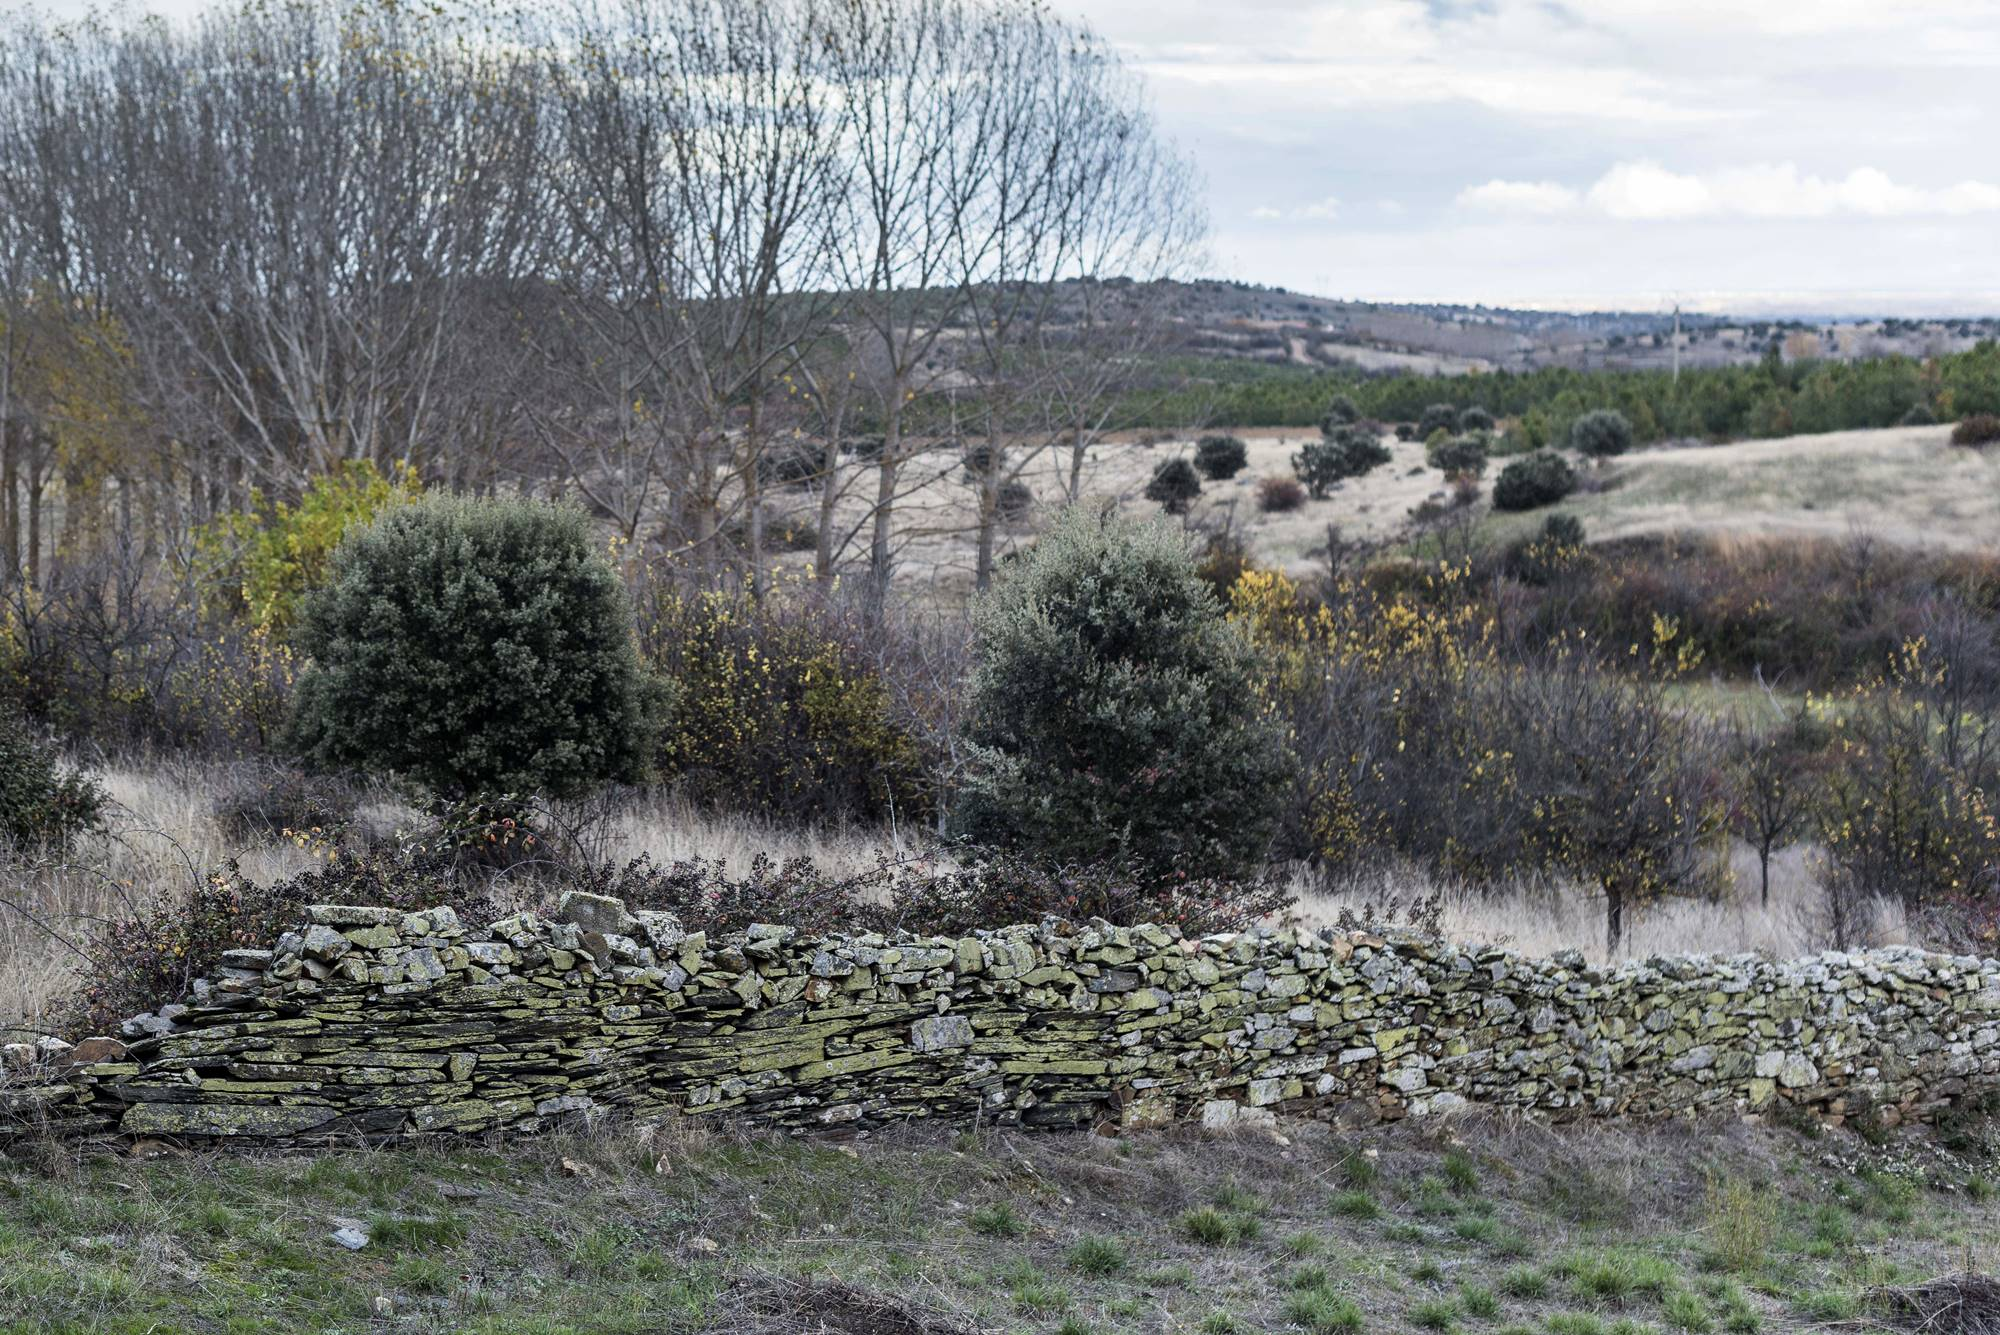 Una tierra árida para la siembra y el pasto que aguzó el ingenio para sobrevivir.